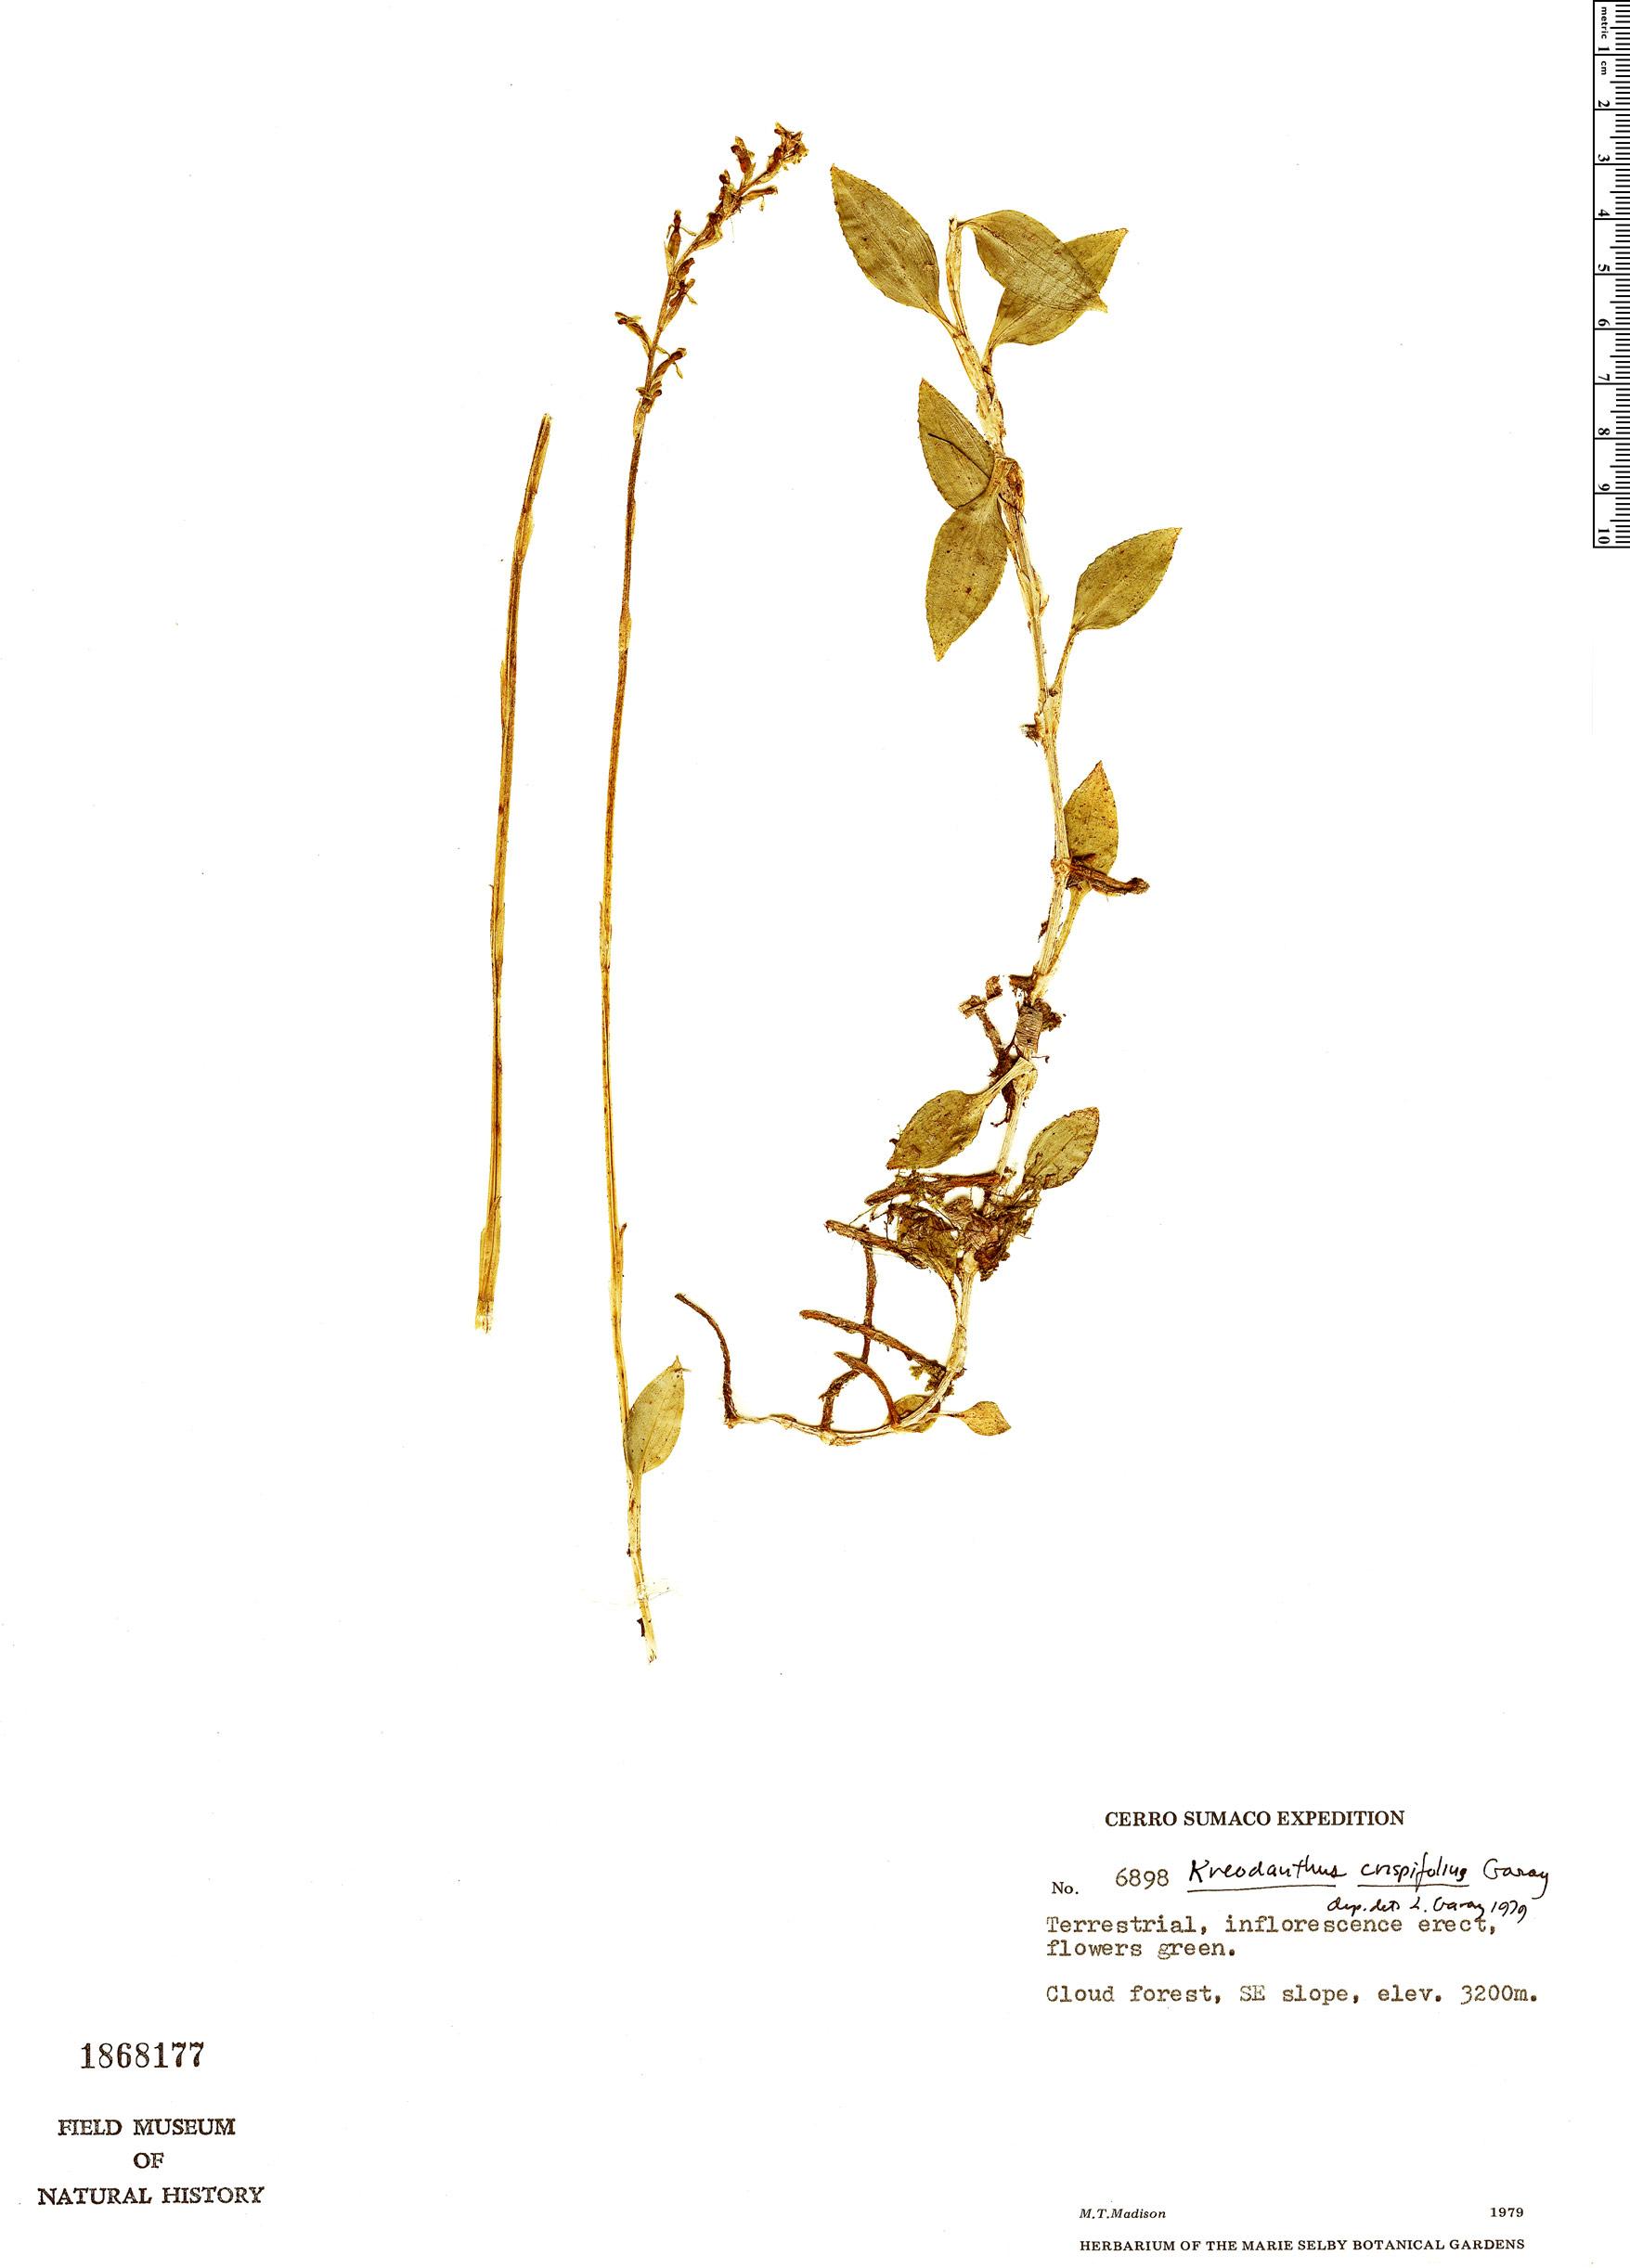 Specimen: Kreodanthus crispifolius